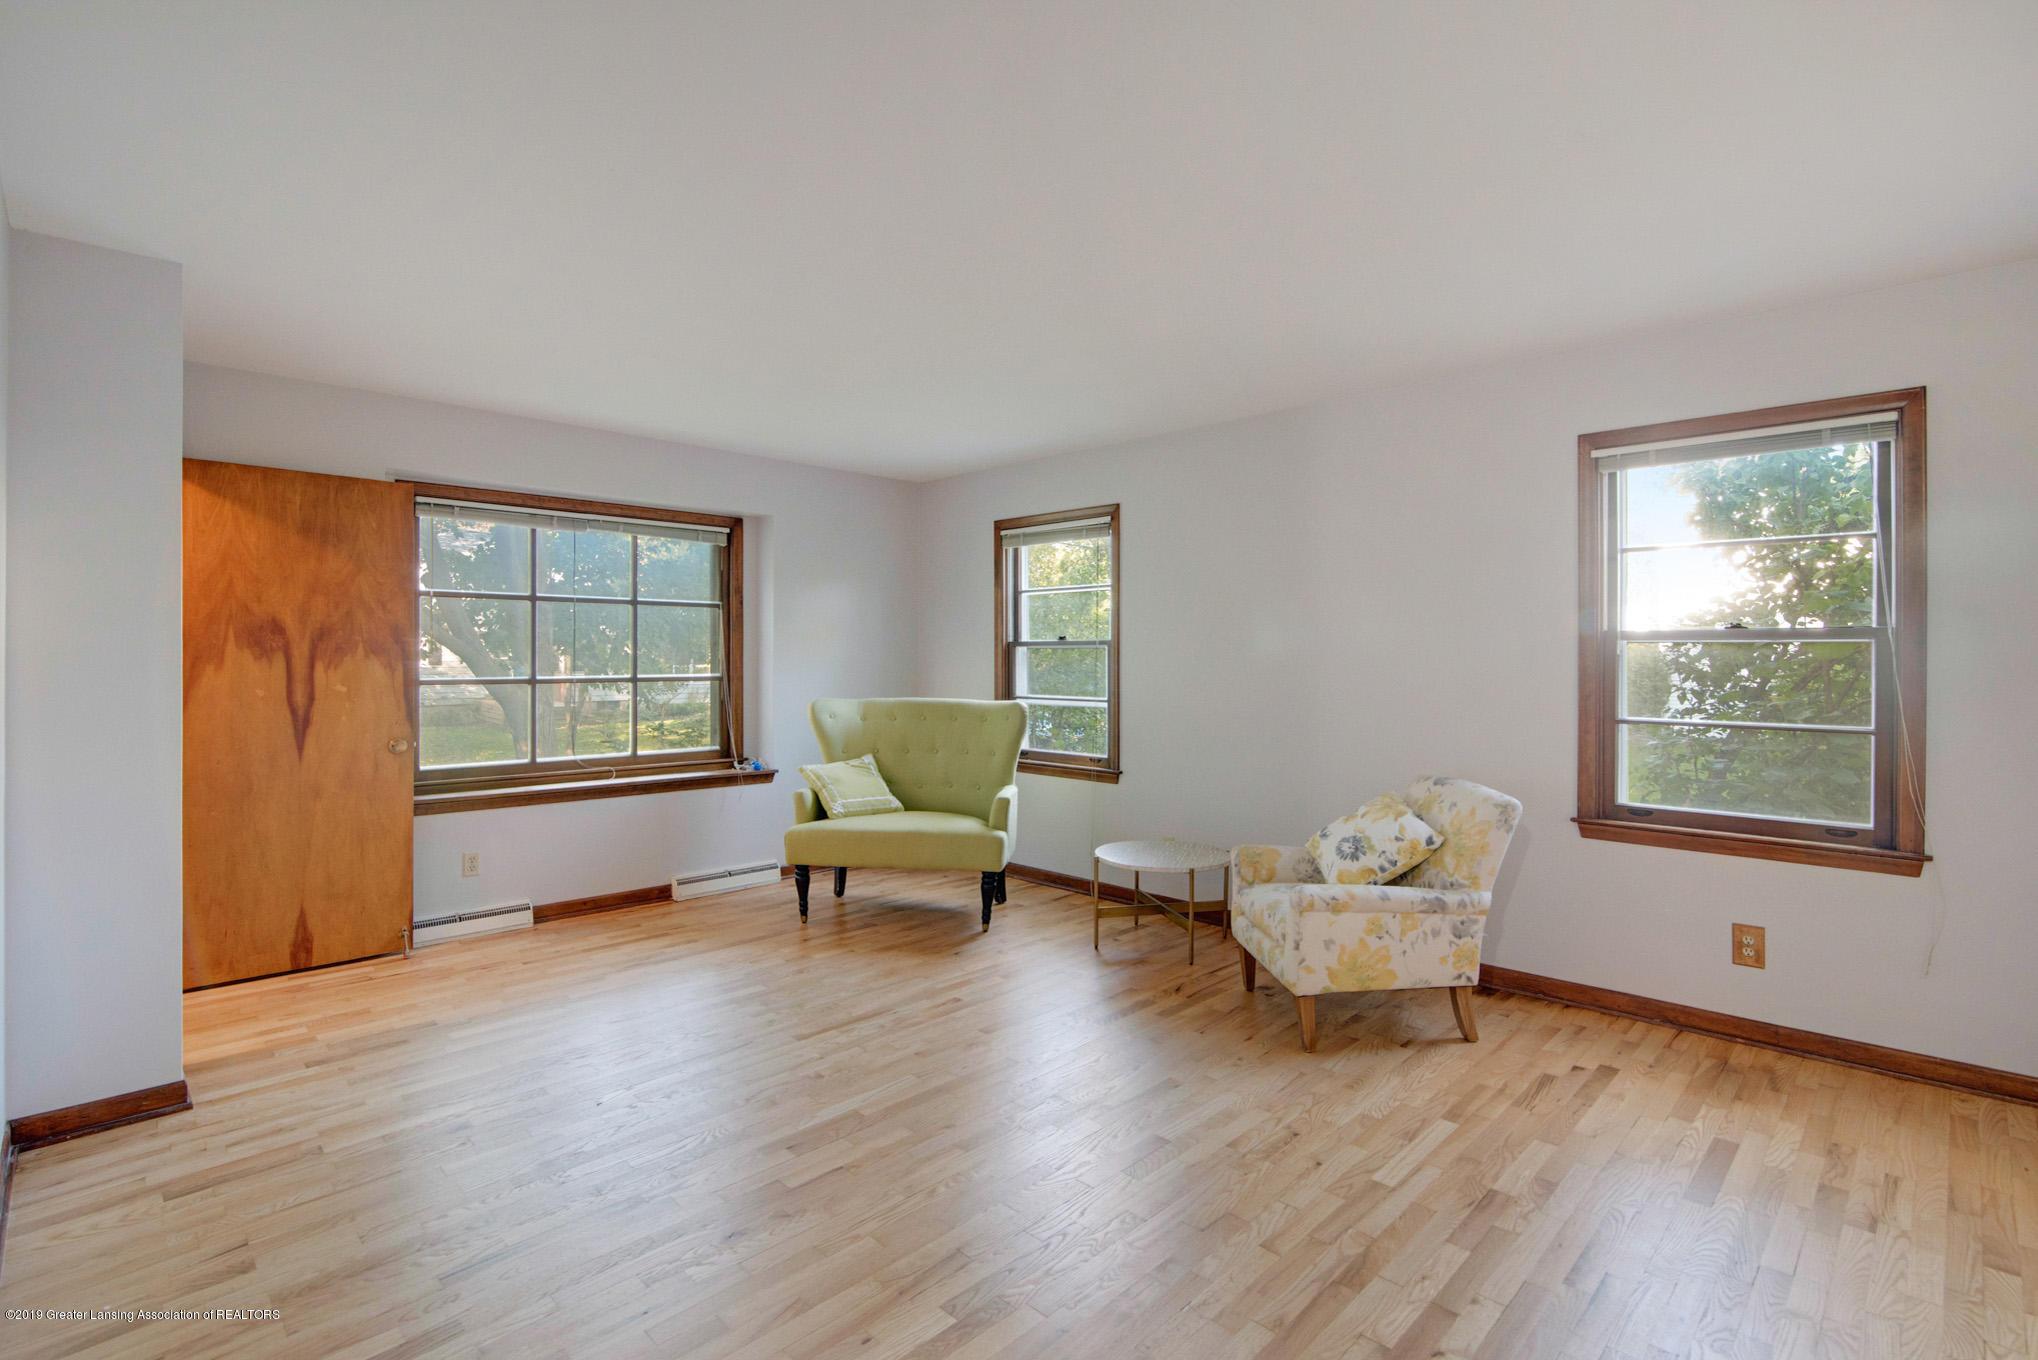 1237 Daisy Ln - Living Room - 4